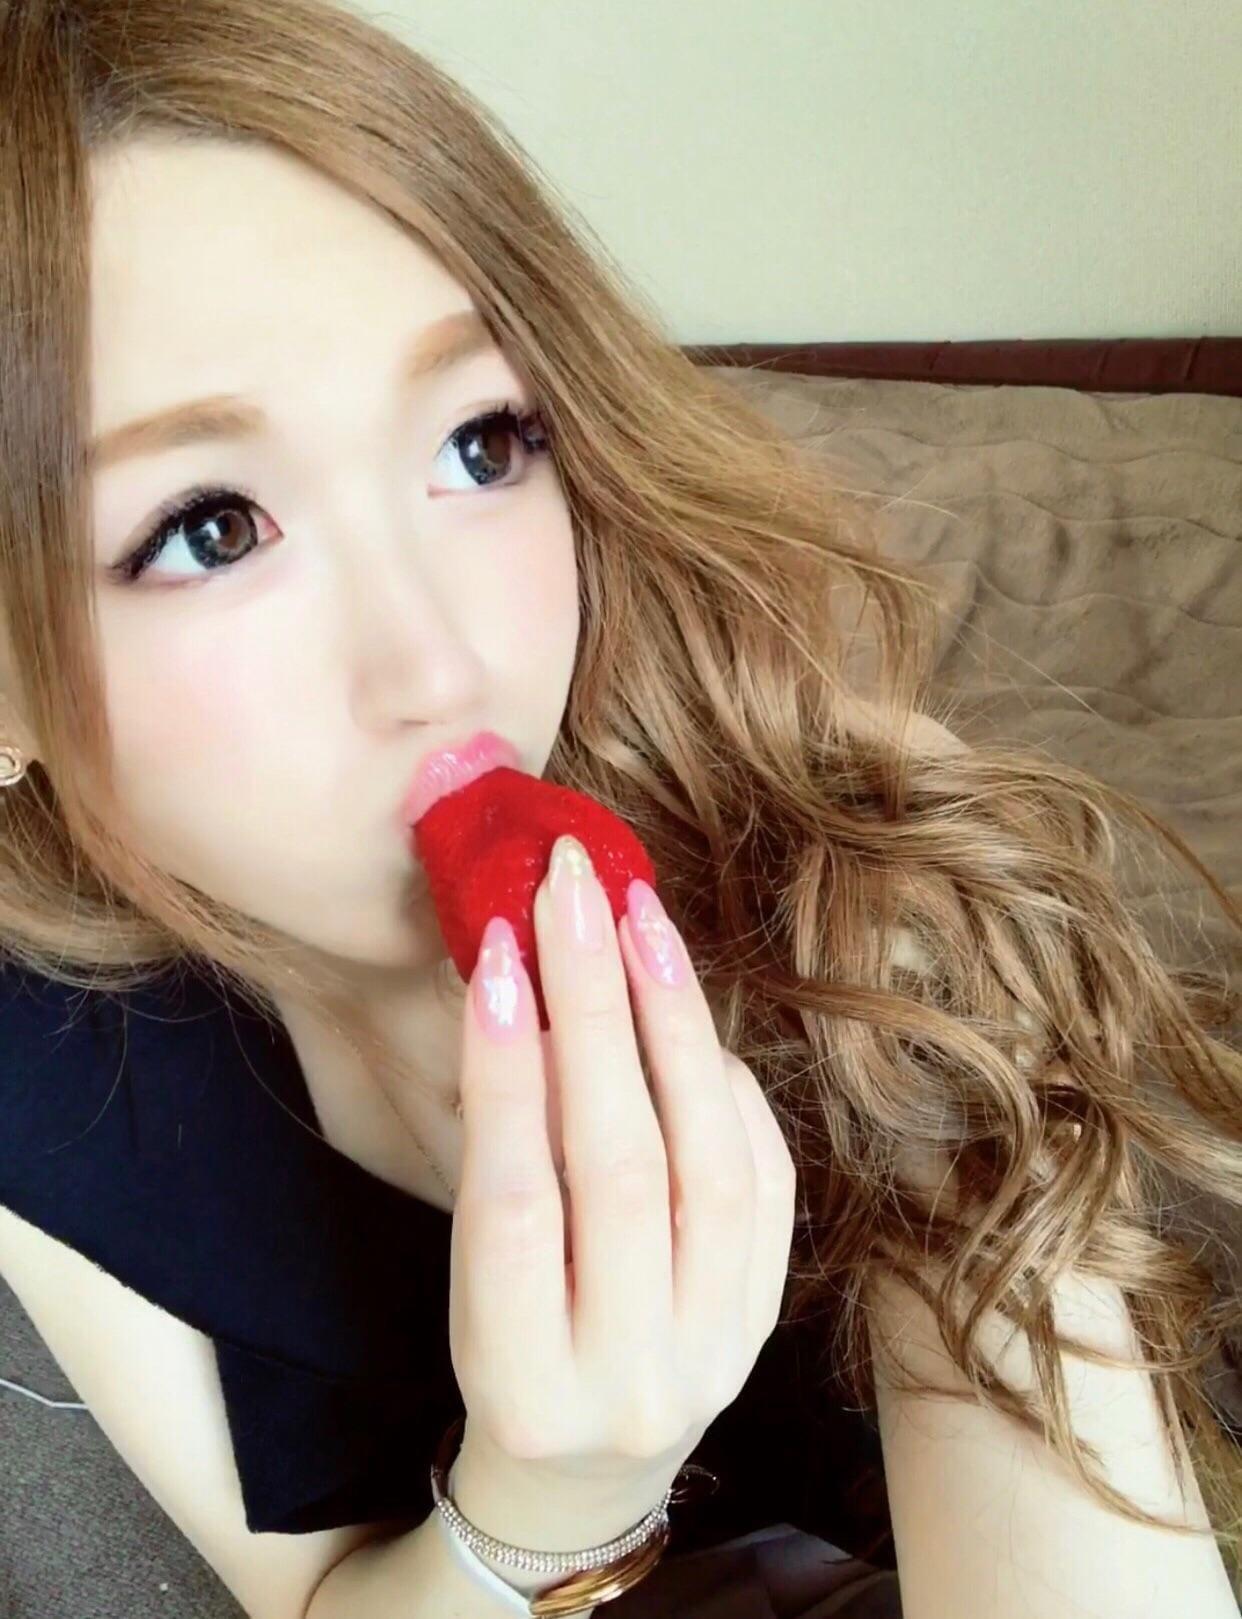 「本日最終日です☆」08/04(土) 12:40 | 【性転換】しほの写メ・風俗動画